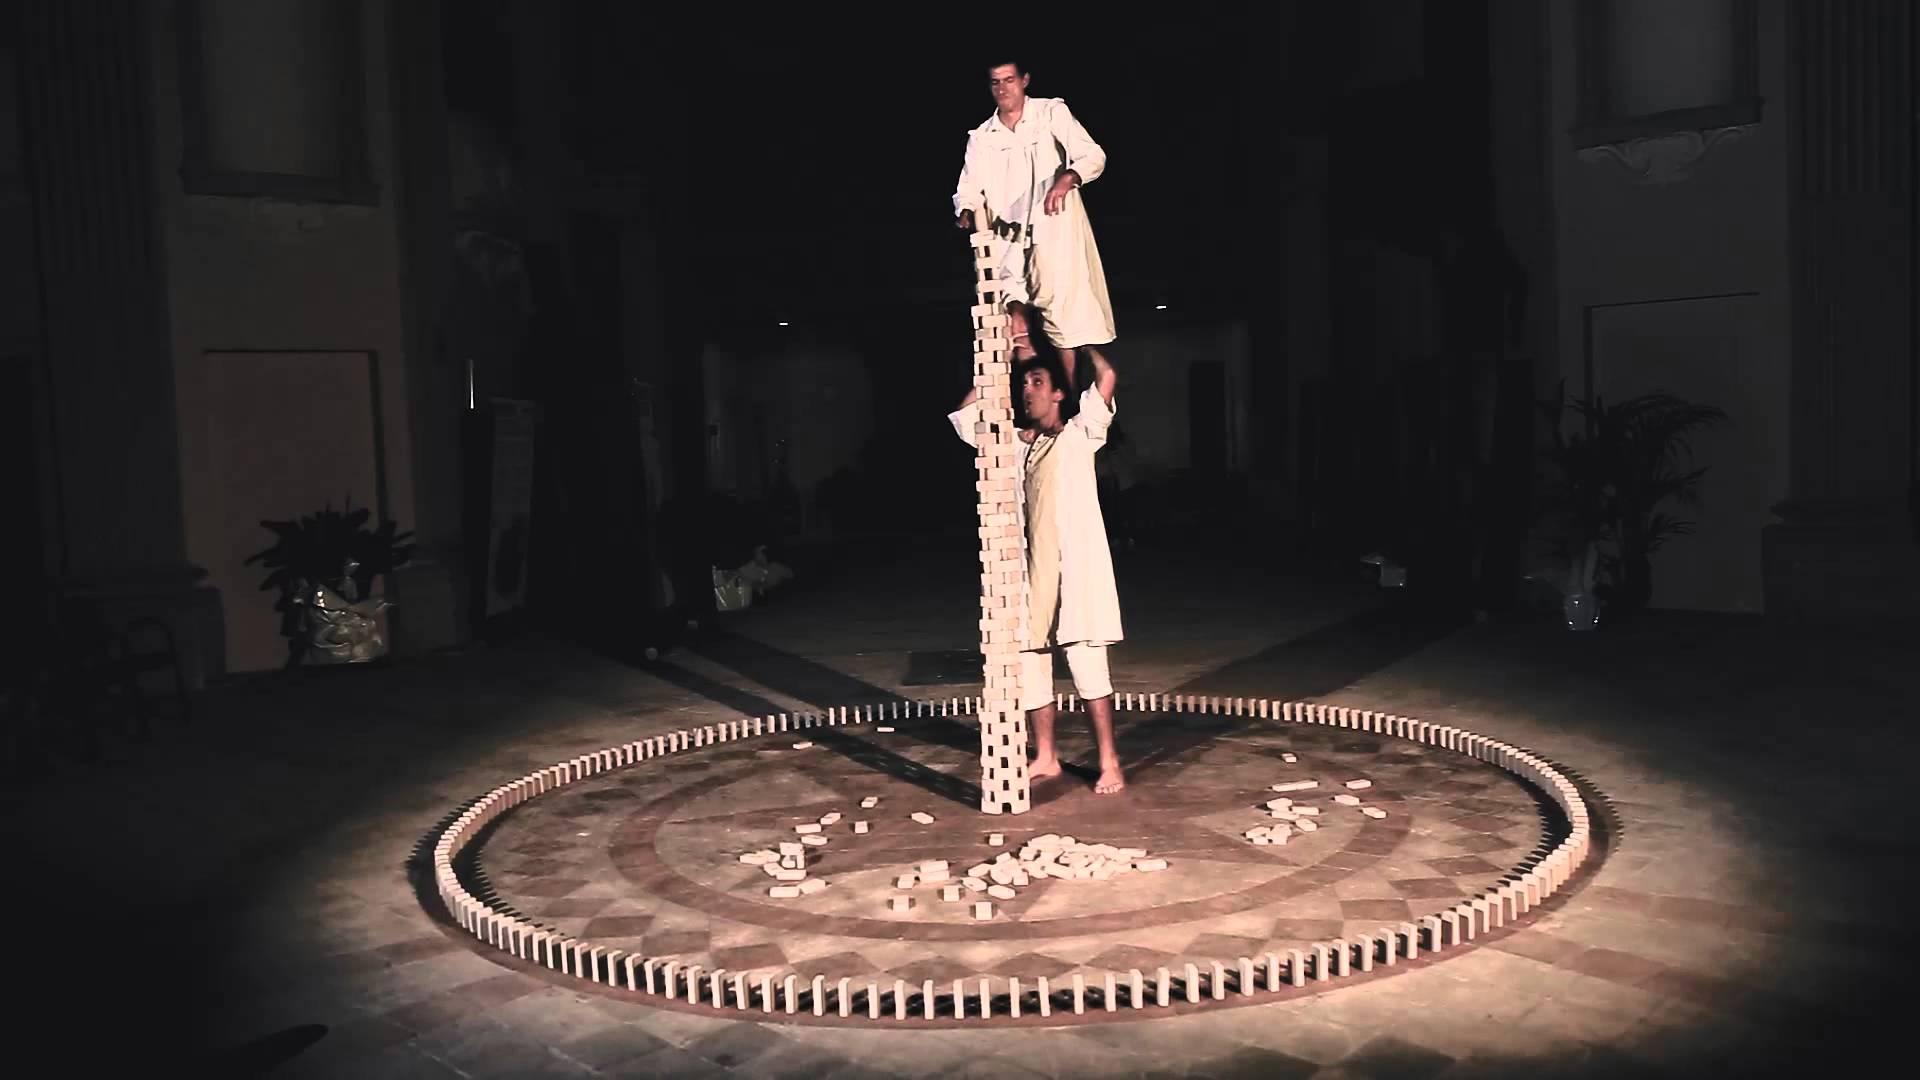 Strani teatri di strada - Concerti...un tanto al chilo